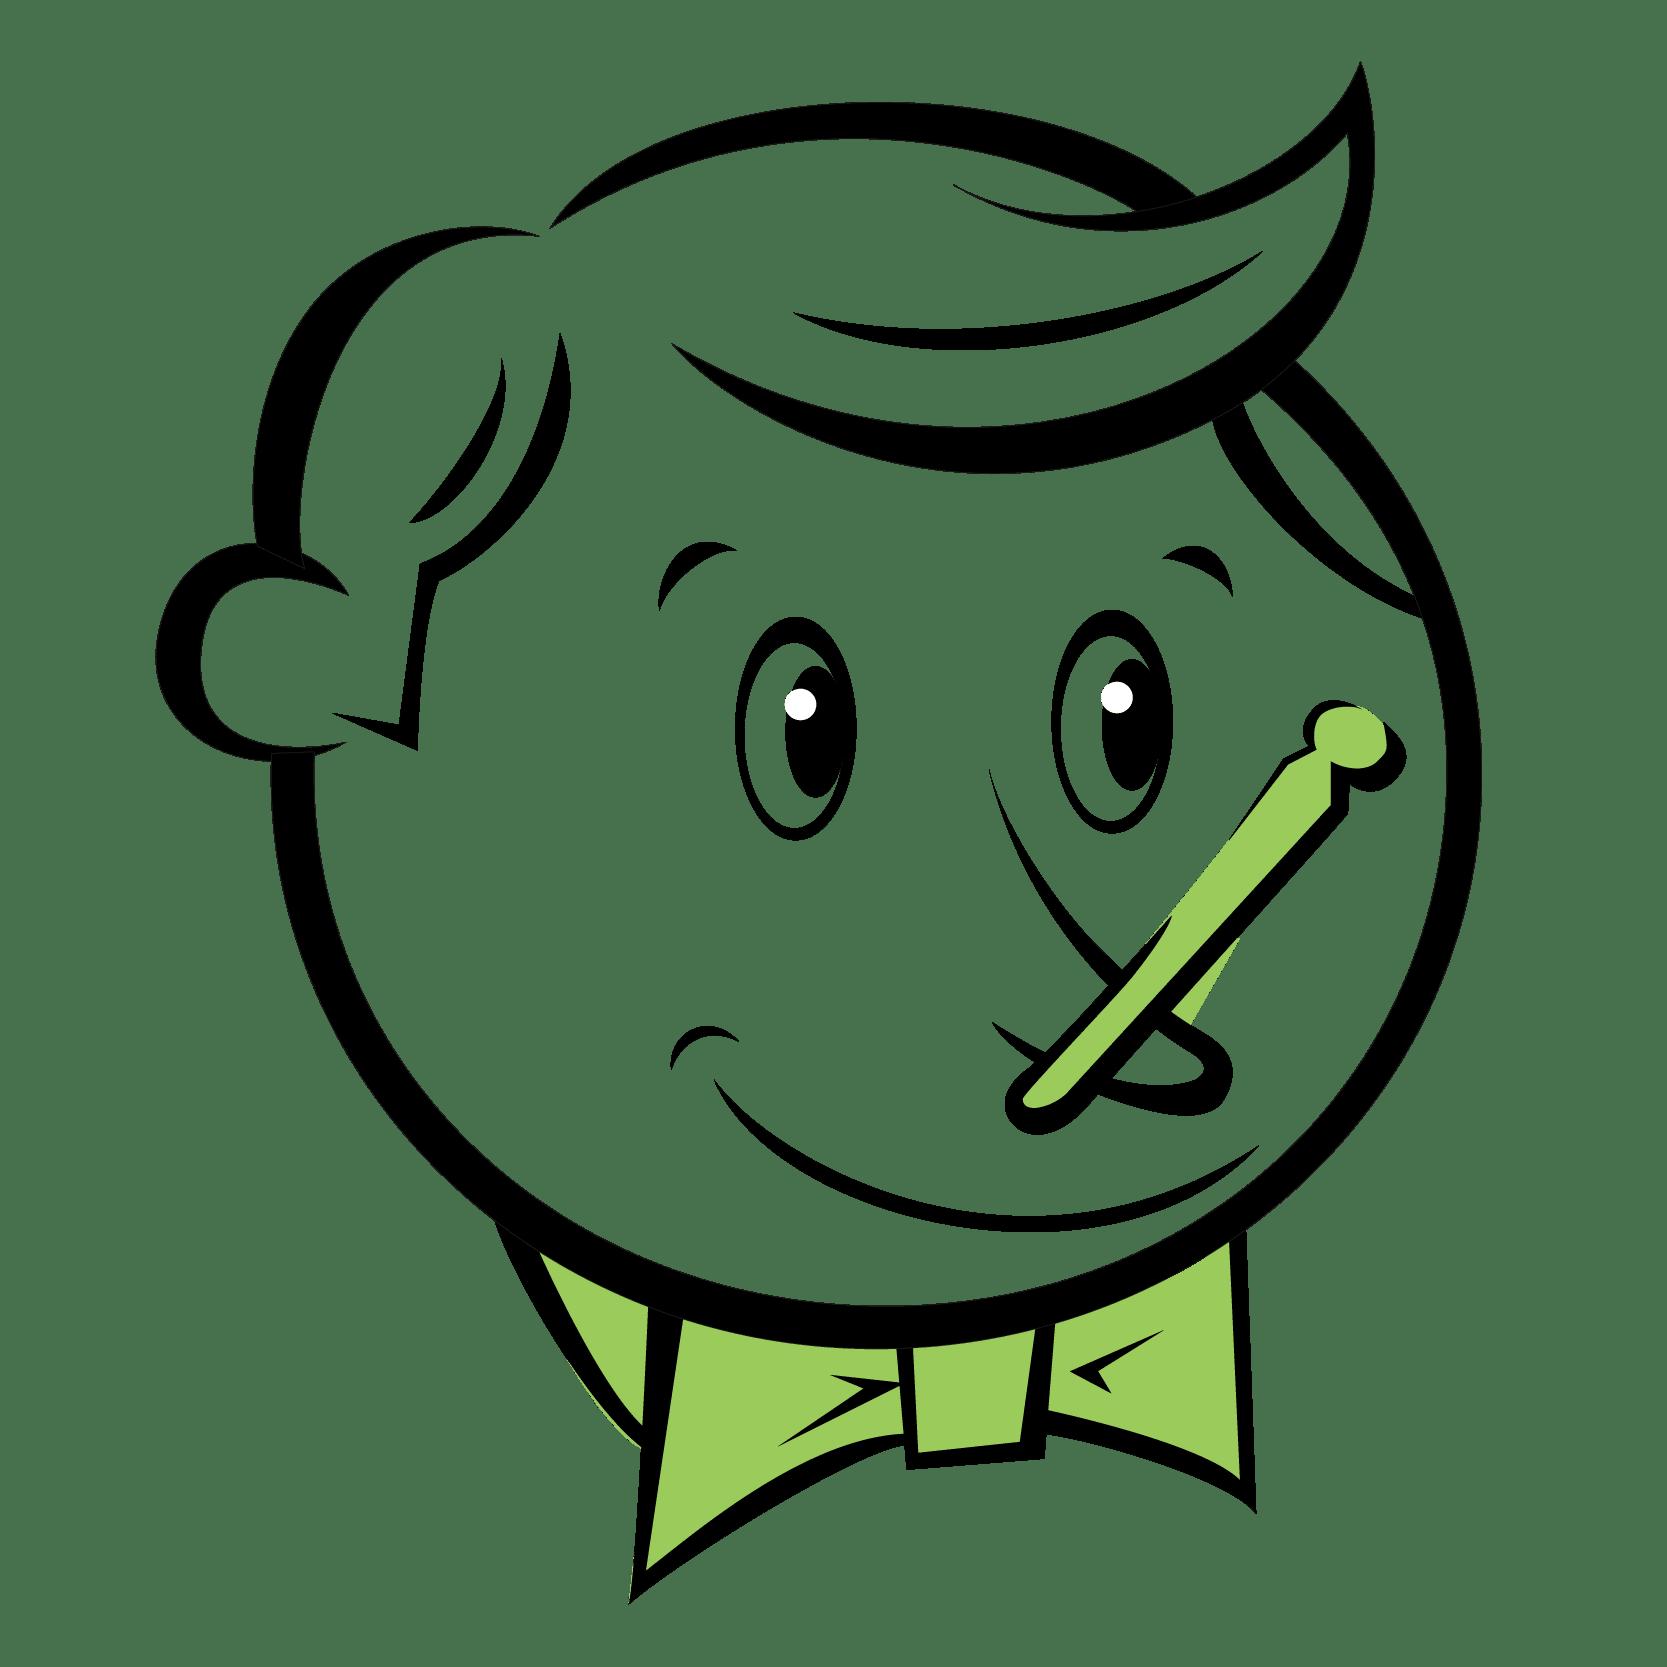 twohey's logo